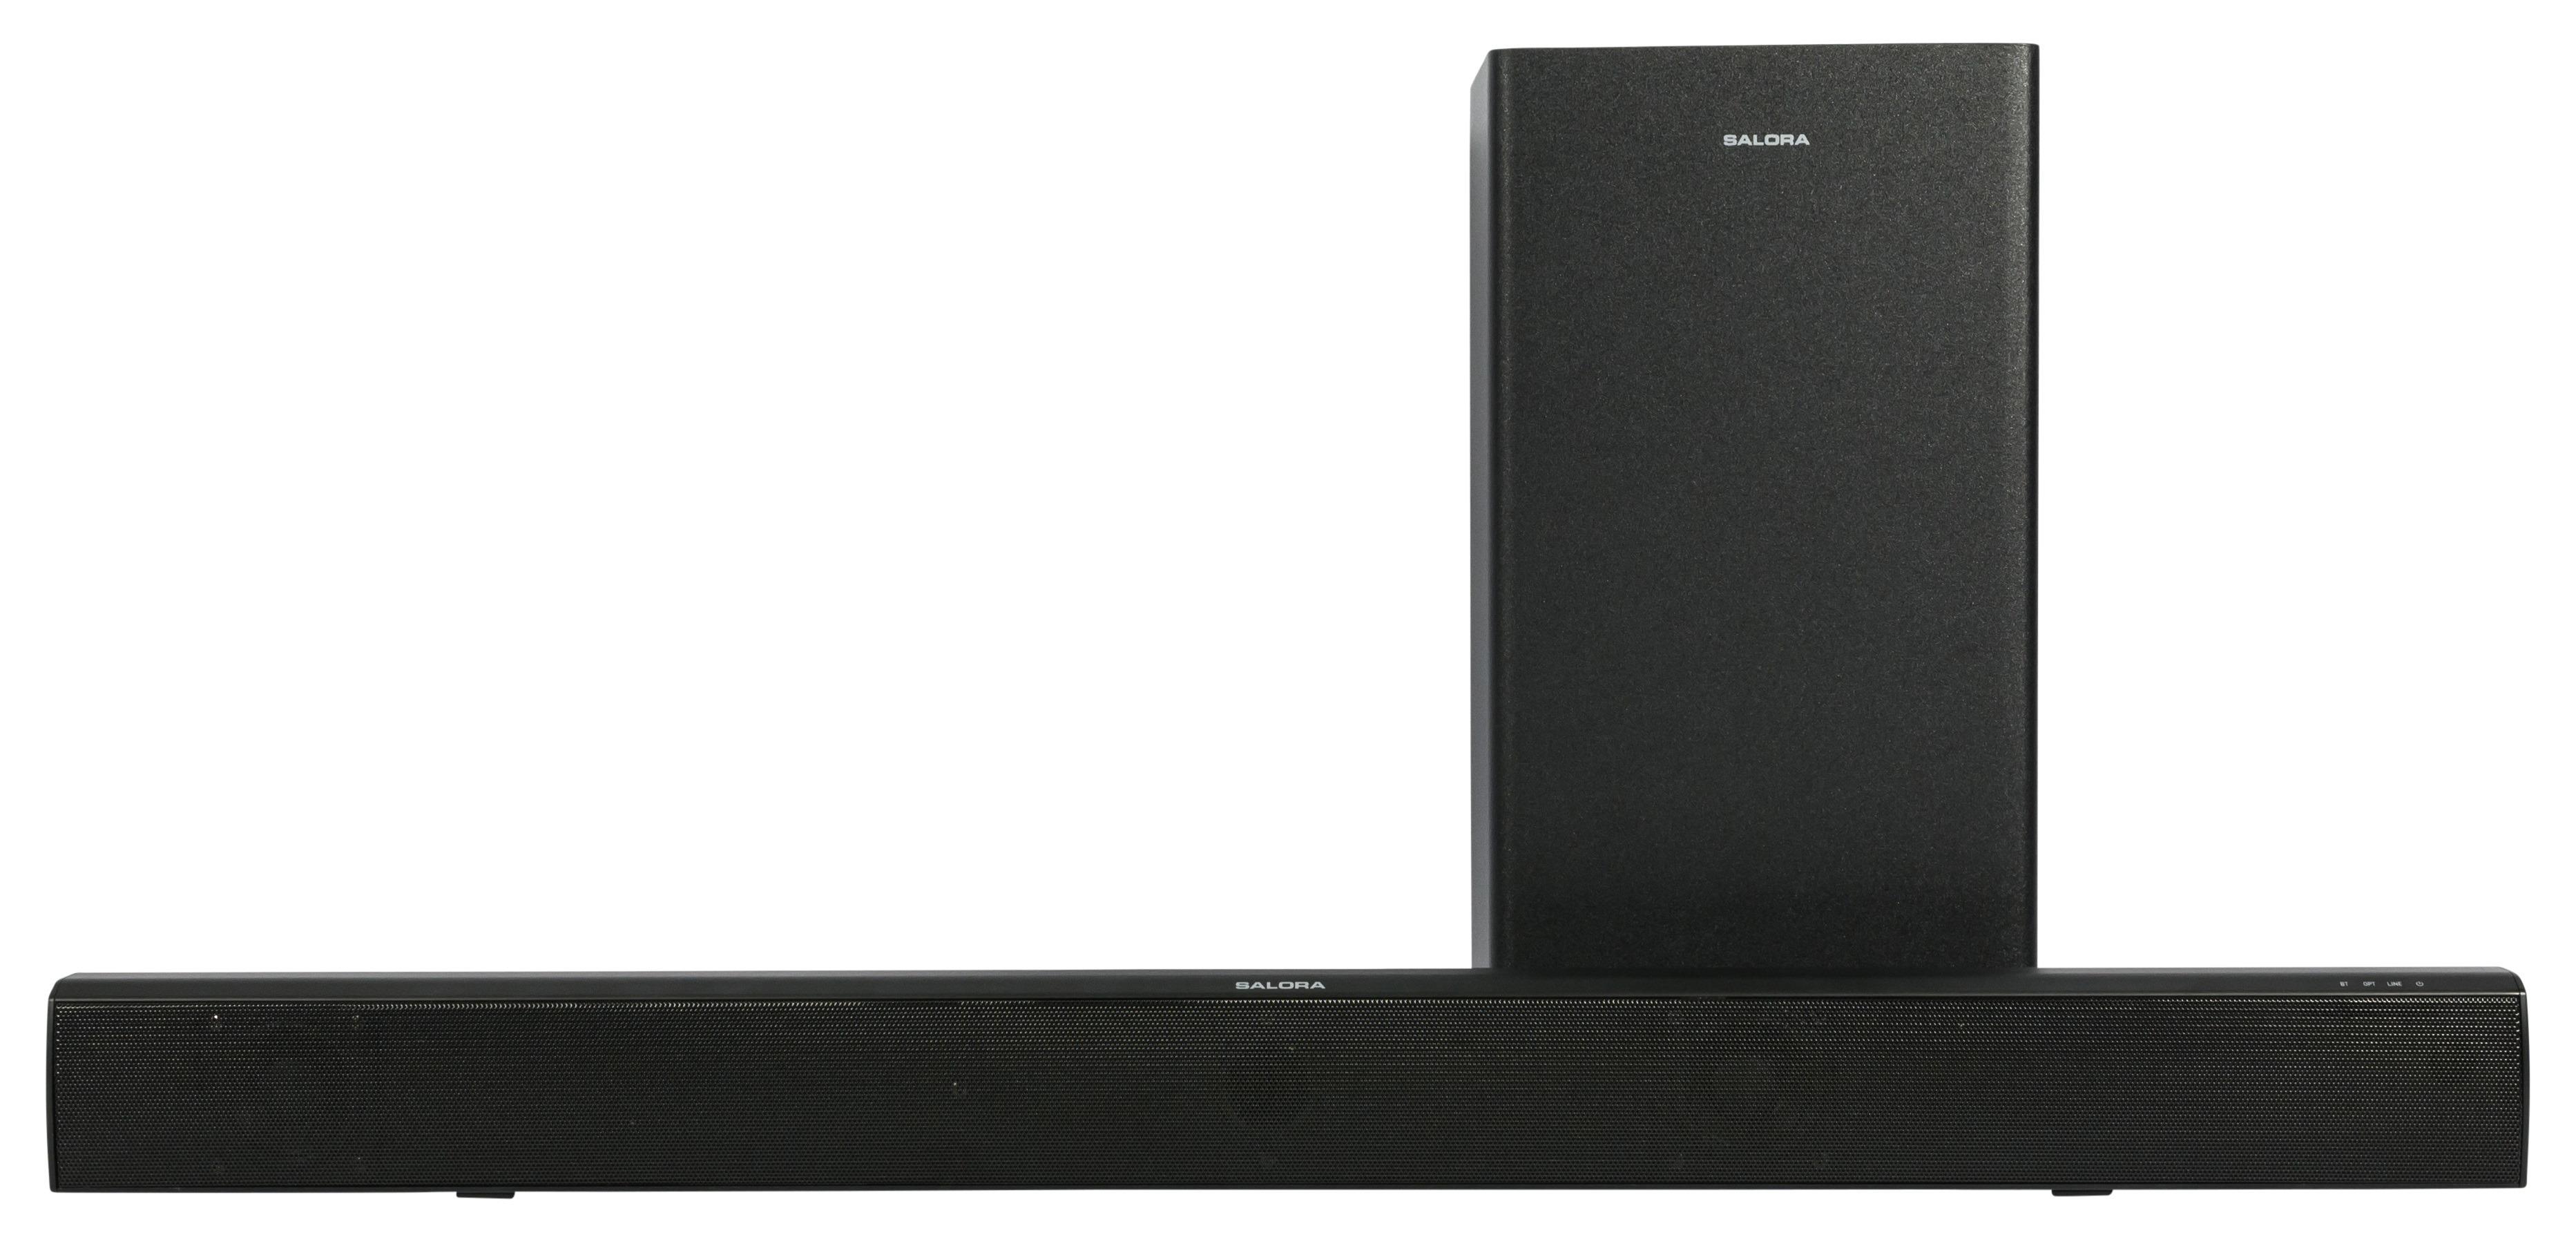 Salora soundbar SBO880